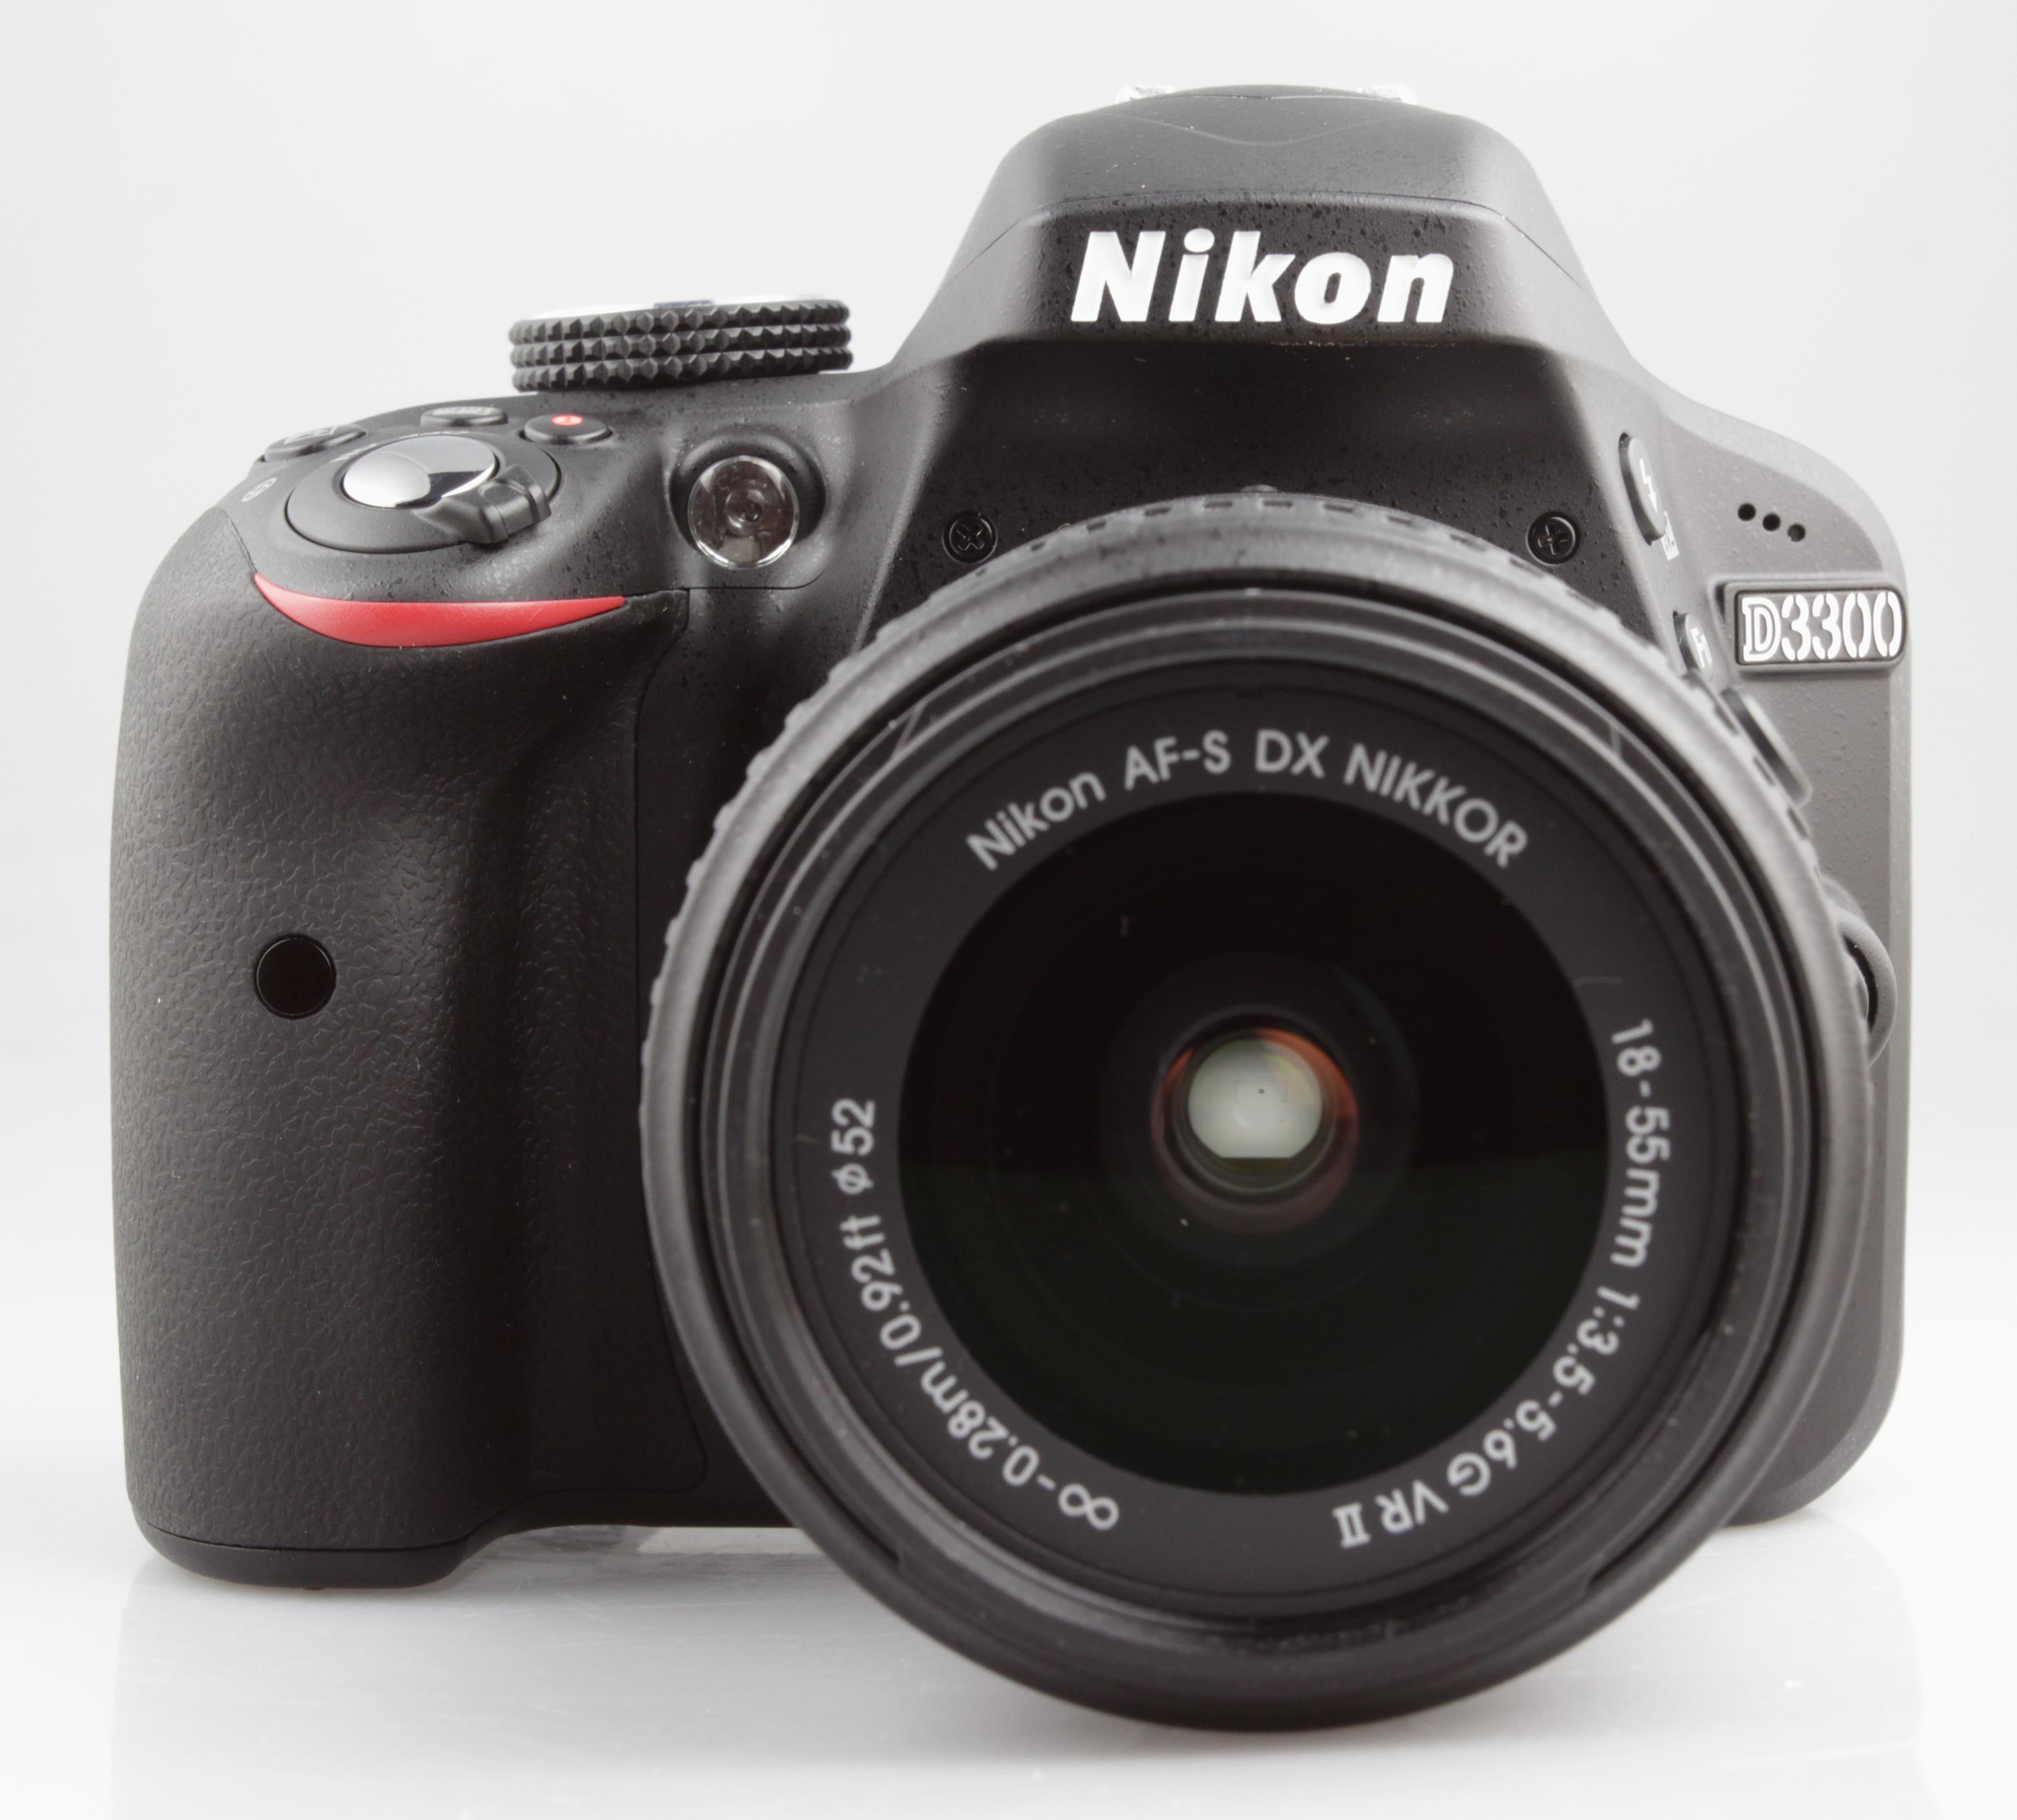 Nikon D3300 vs. Canon 1200D